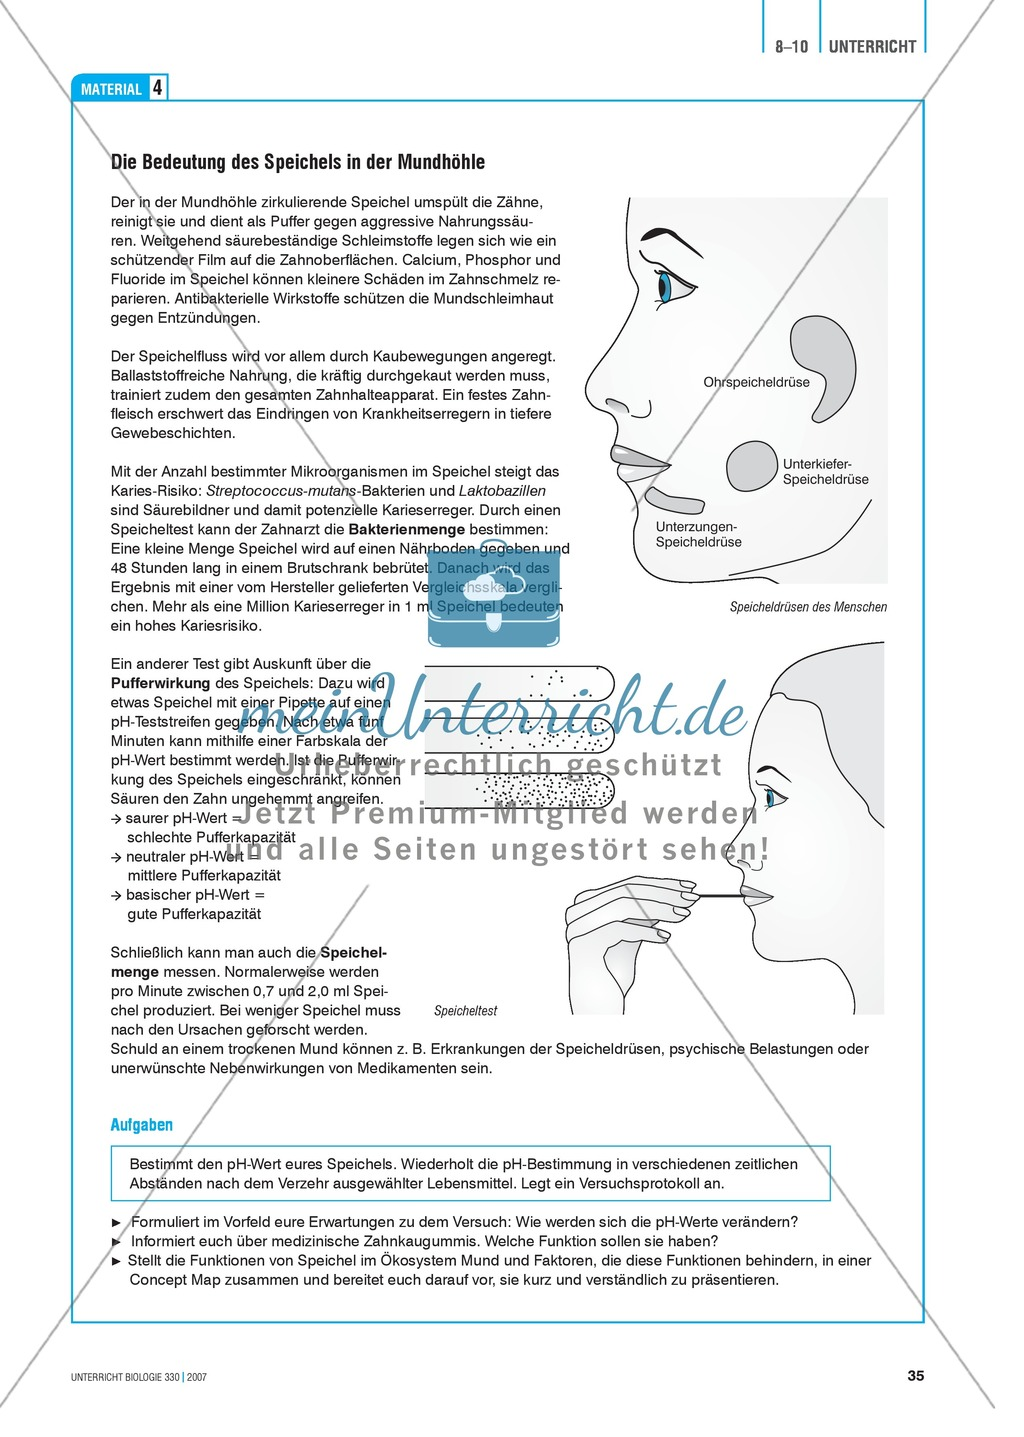 Gesundheit: Dentale Fitness - das Ökosystem Mundhöhle - Info-Text ...